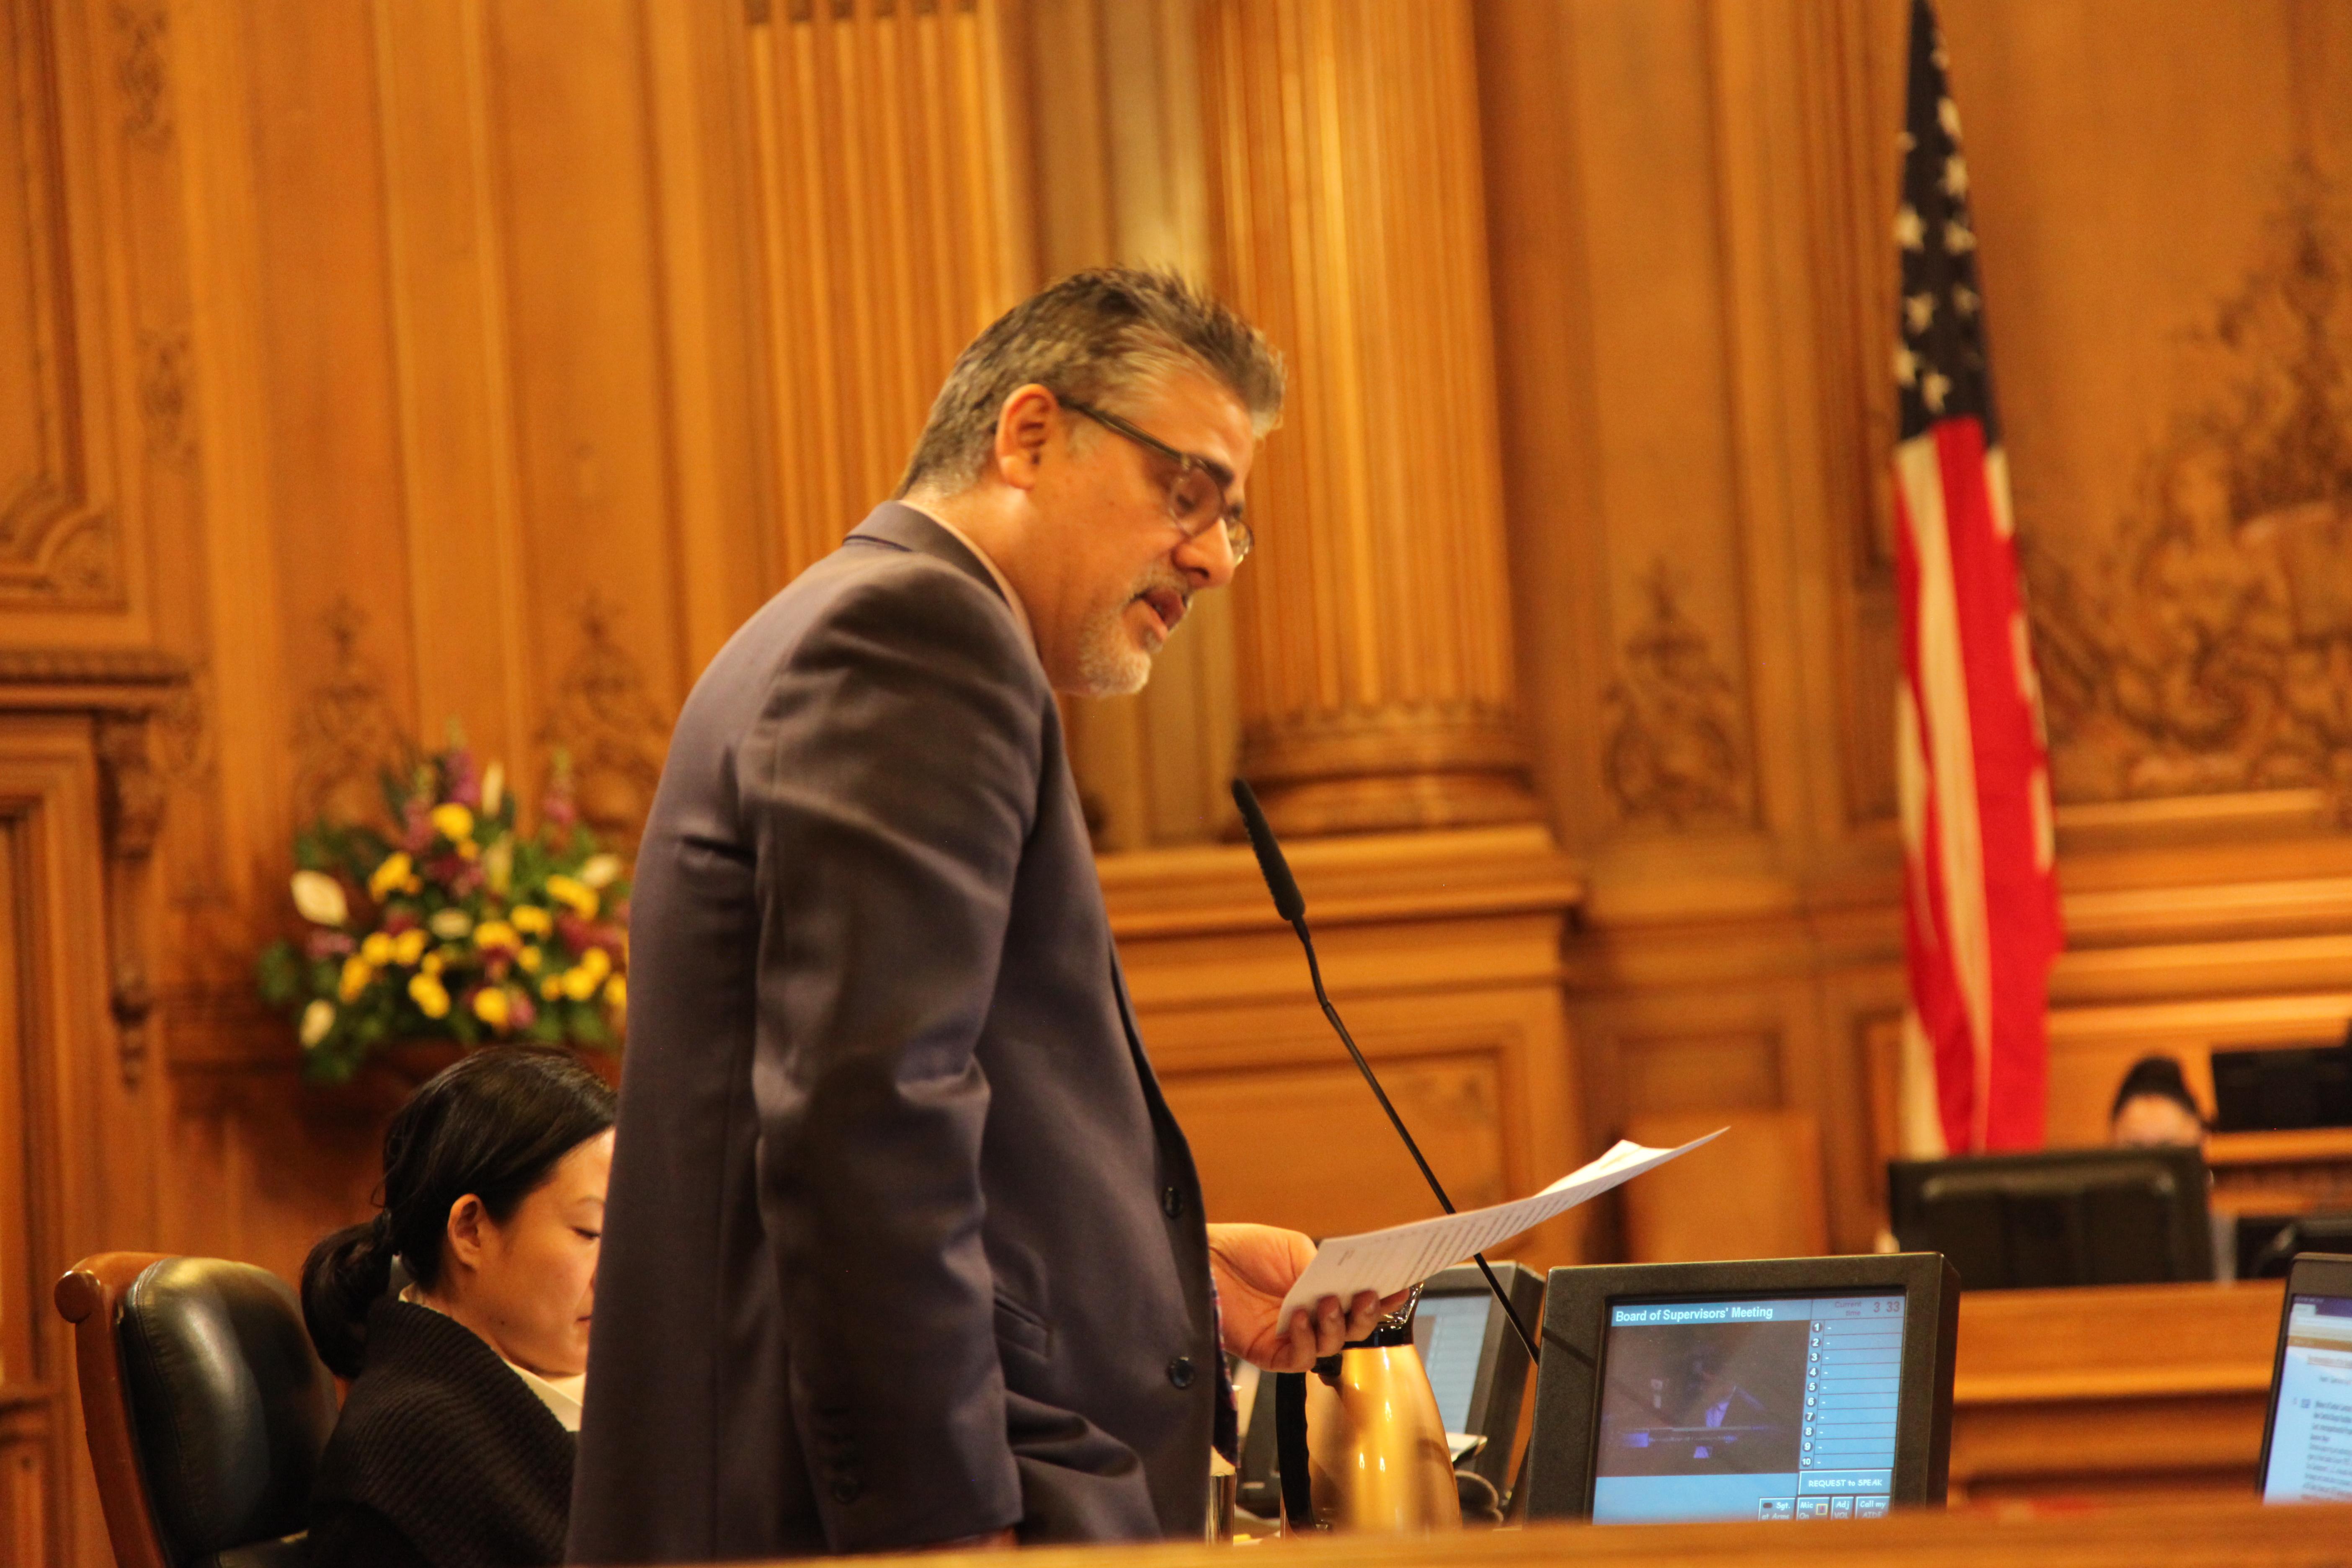 San Francisco Updates Sanctuary City Law